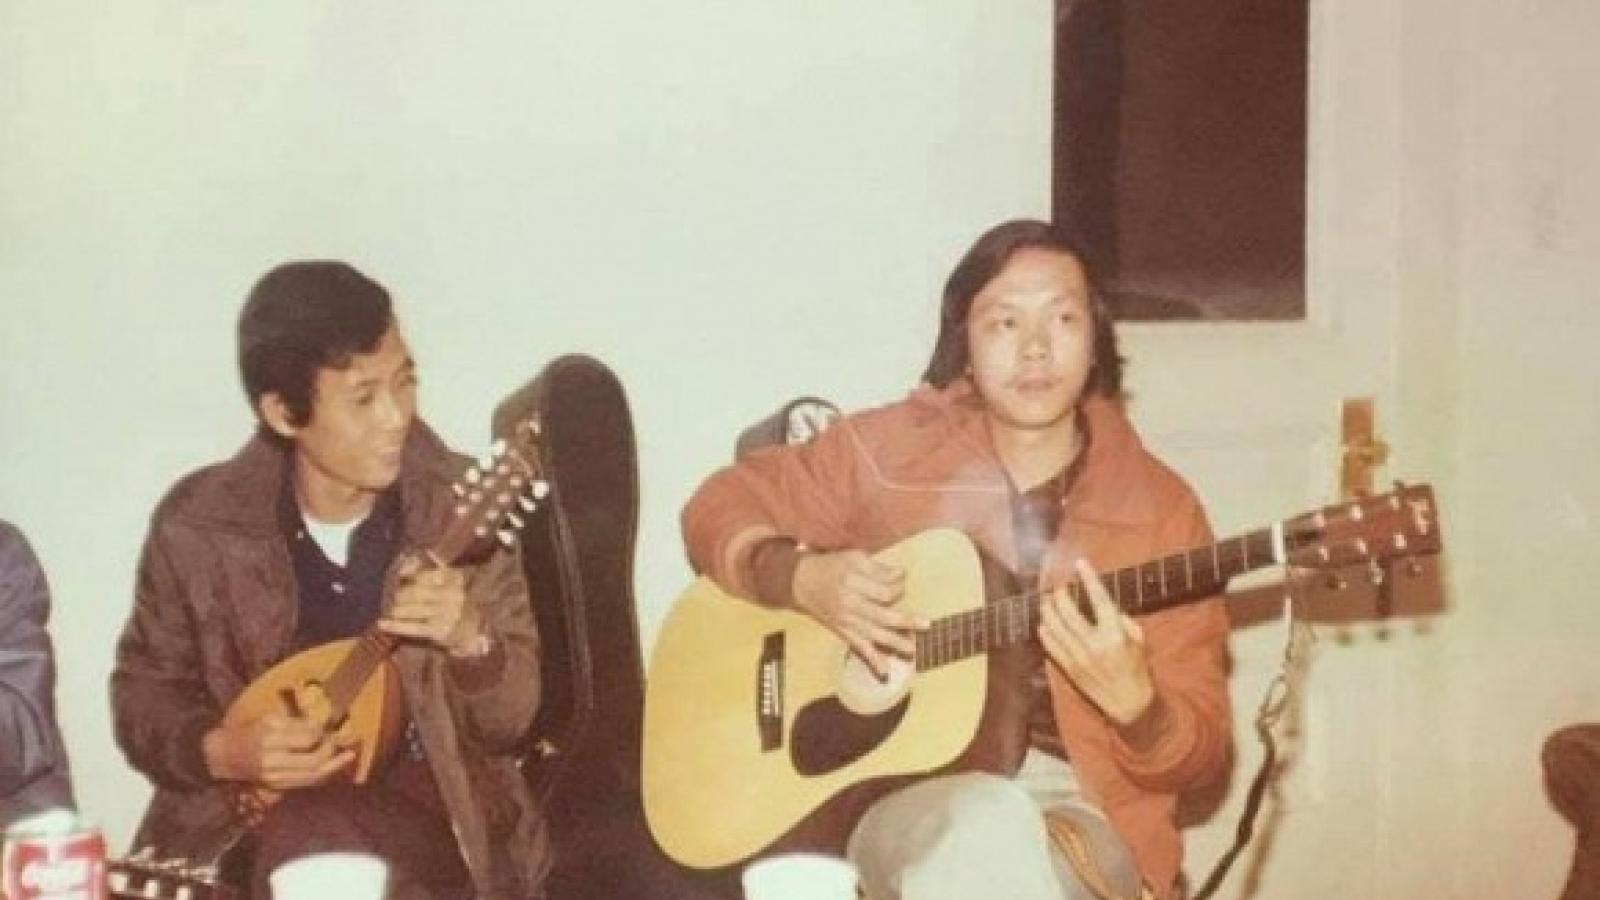 Chuyện showbiz: Xúc động trước loạt ảnh thời trẻ của cố nghệ sĩ Chí Tài